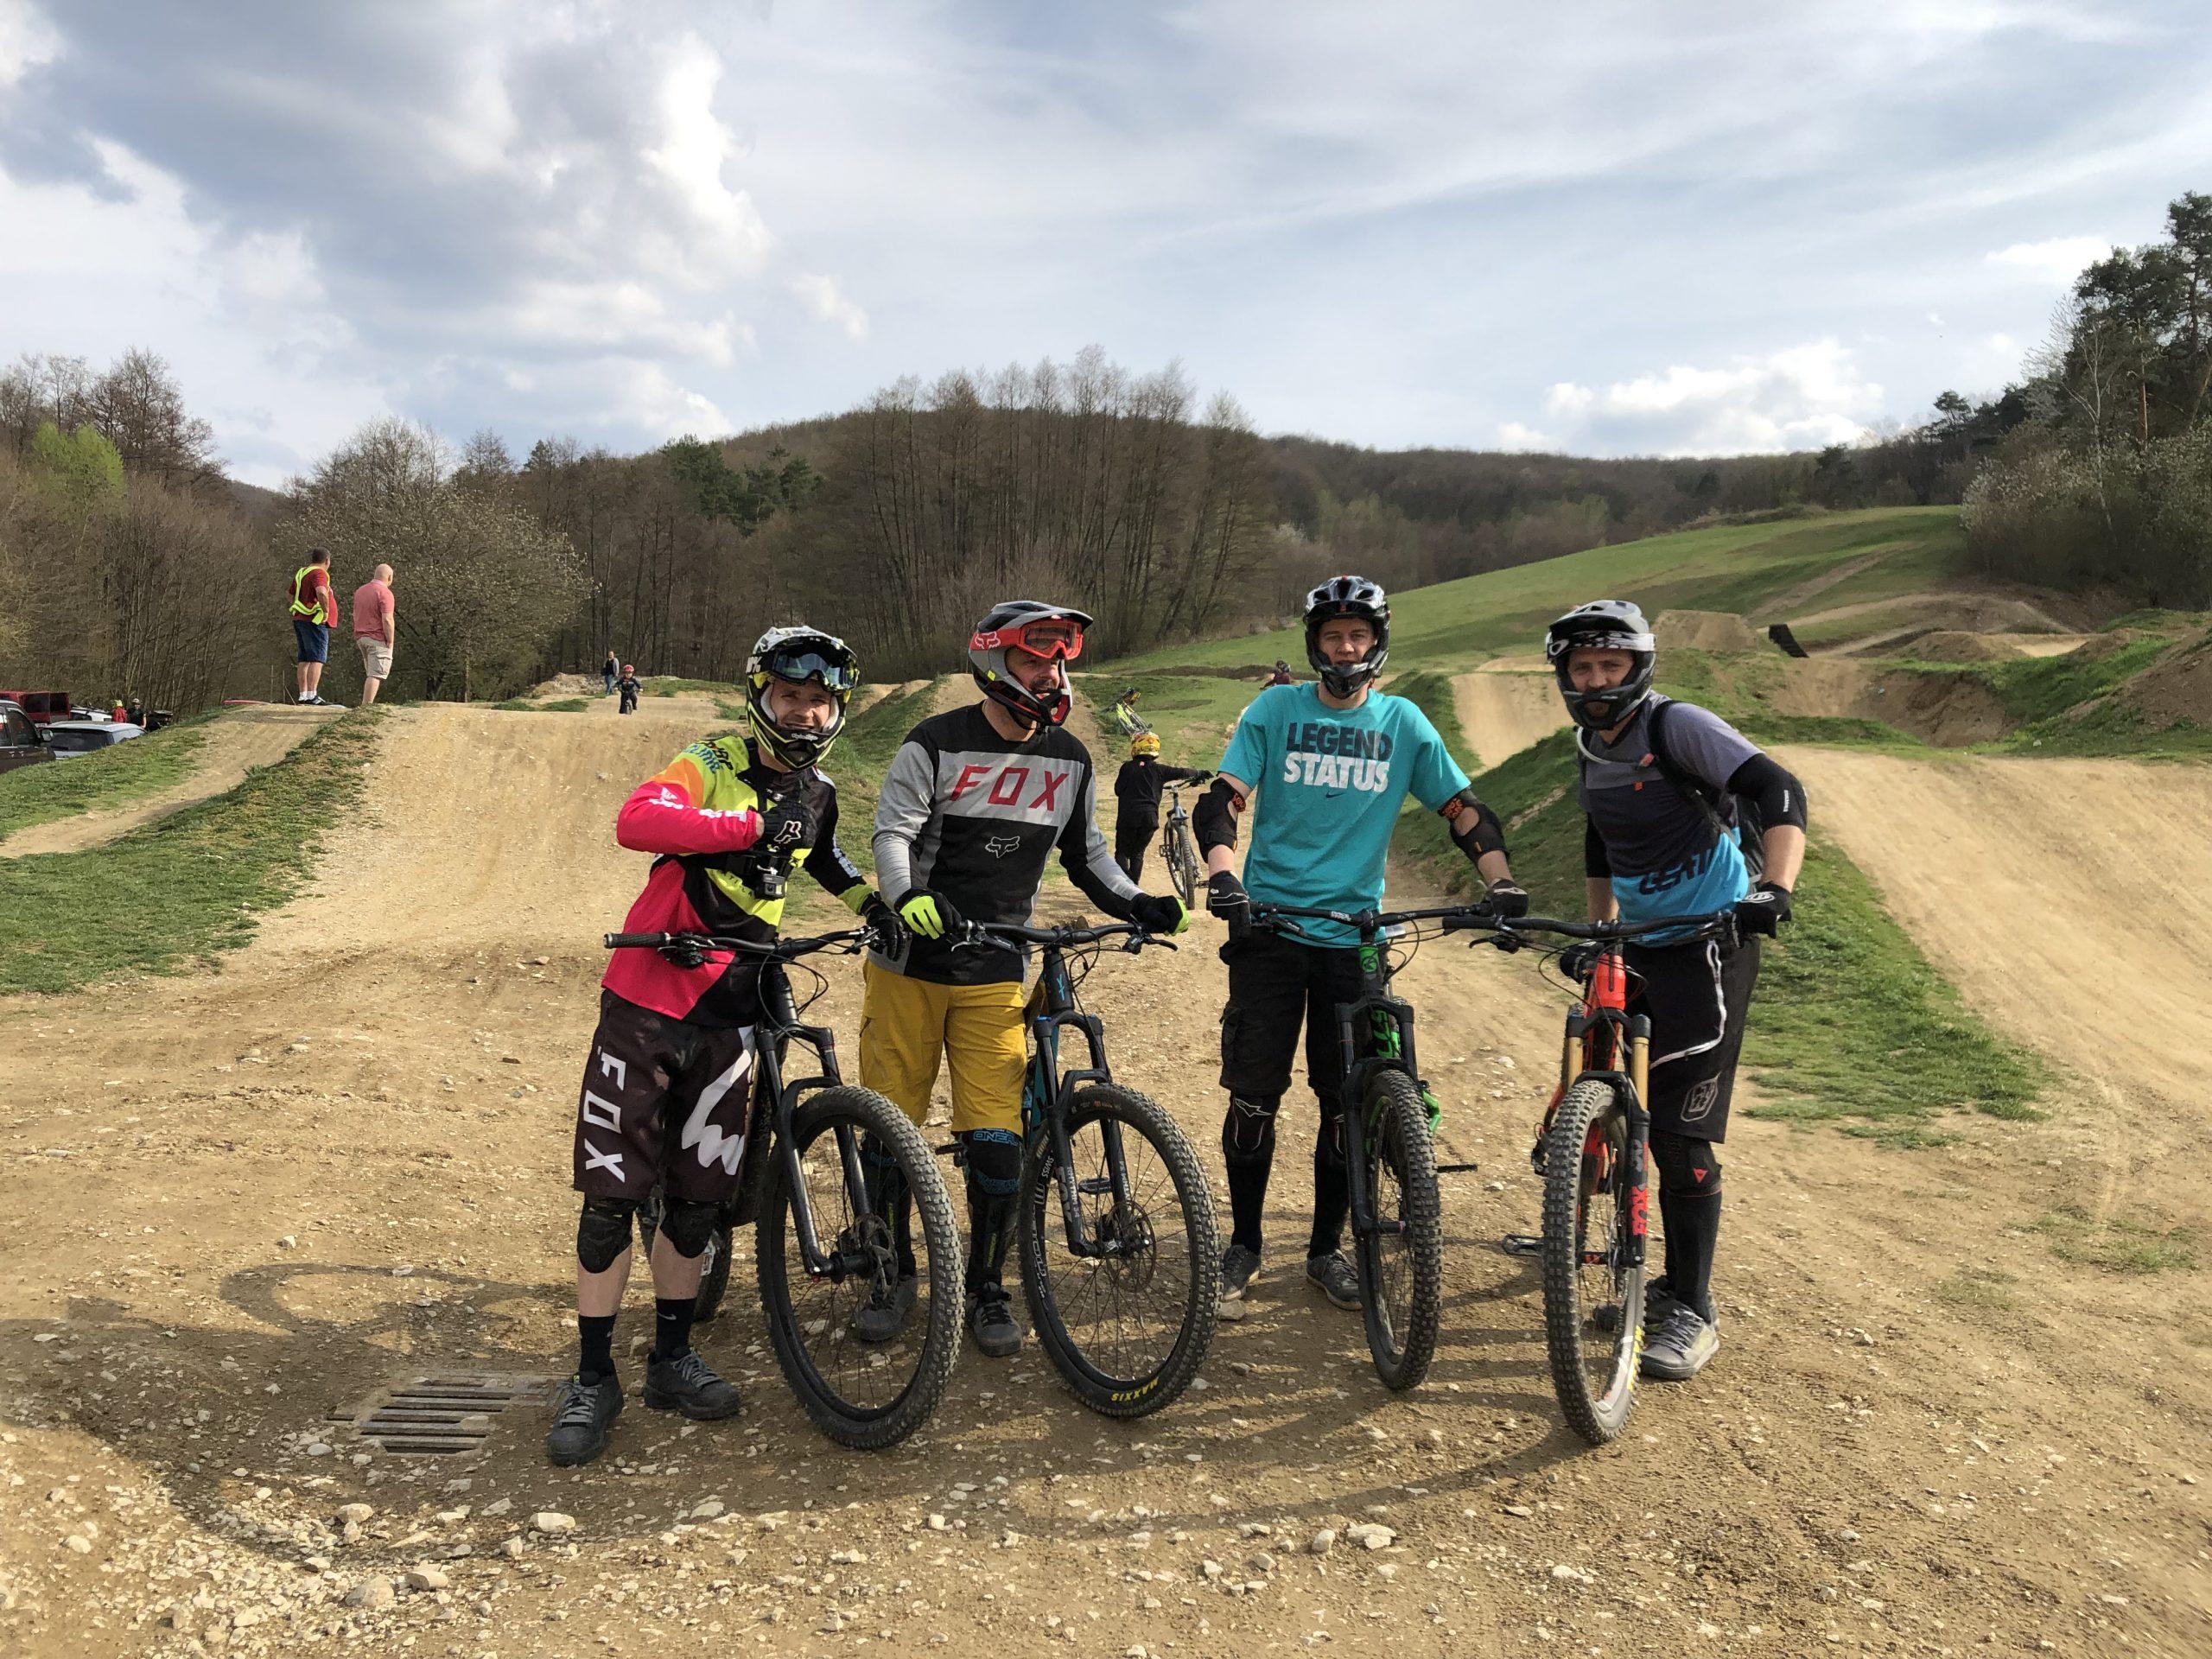 Prvý bikepark tréning 2019 úspešne za nami